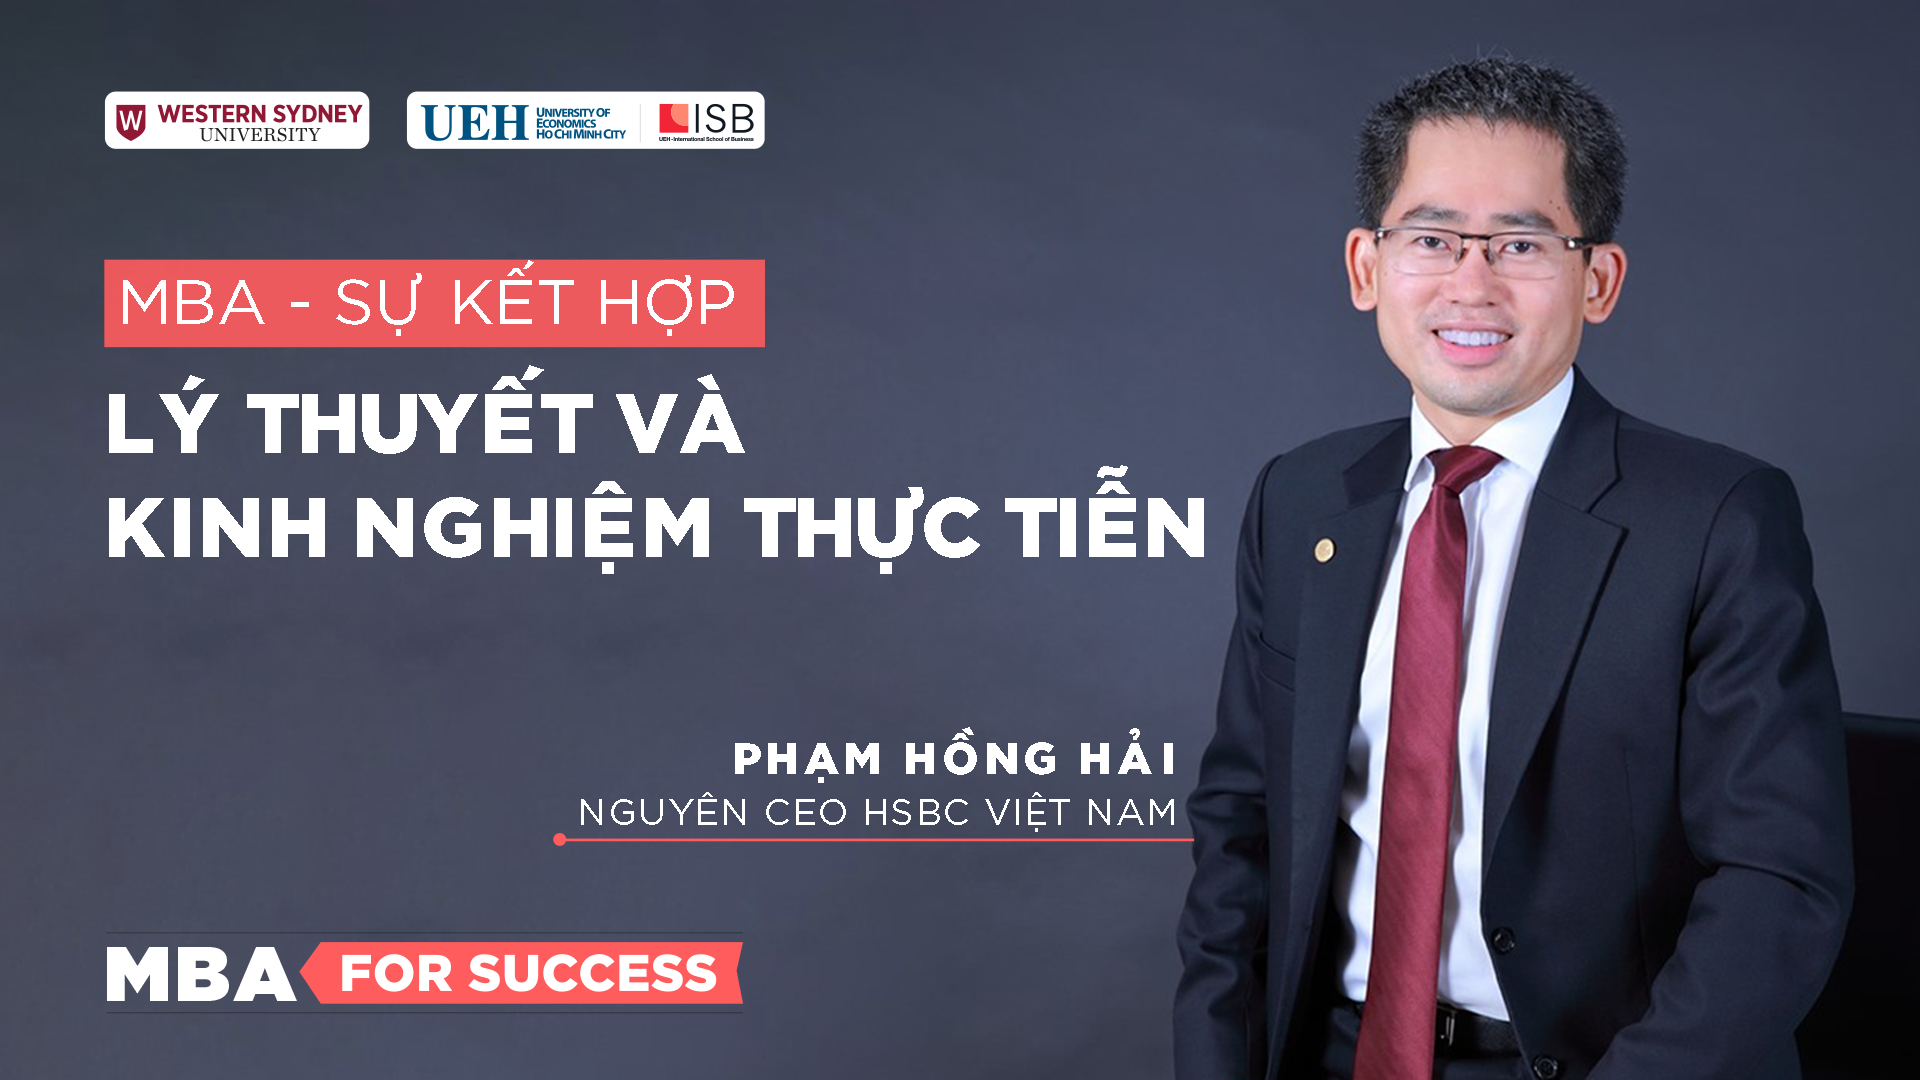 Phạm Hồng Hải HSBC thông tin cho bạn